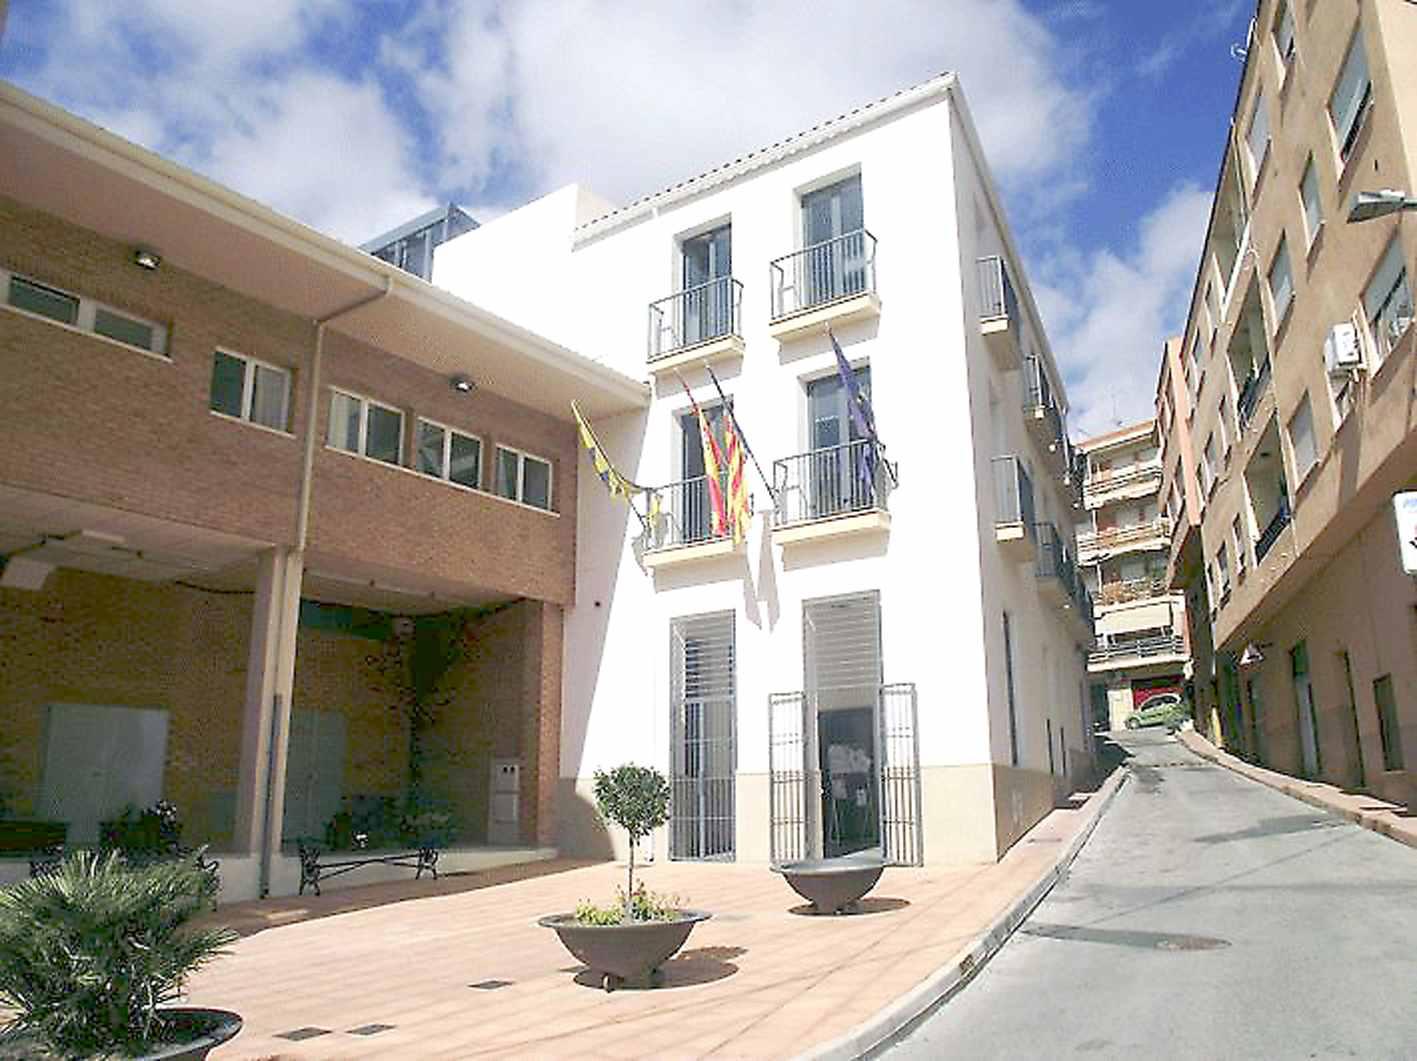 El Ayuntamiento de Onil acuerda con los sindicatos revisar la Relación de Puestos de Trabajo y actualizar el convenio colectivo